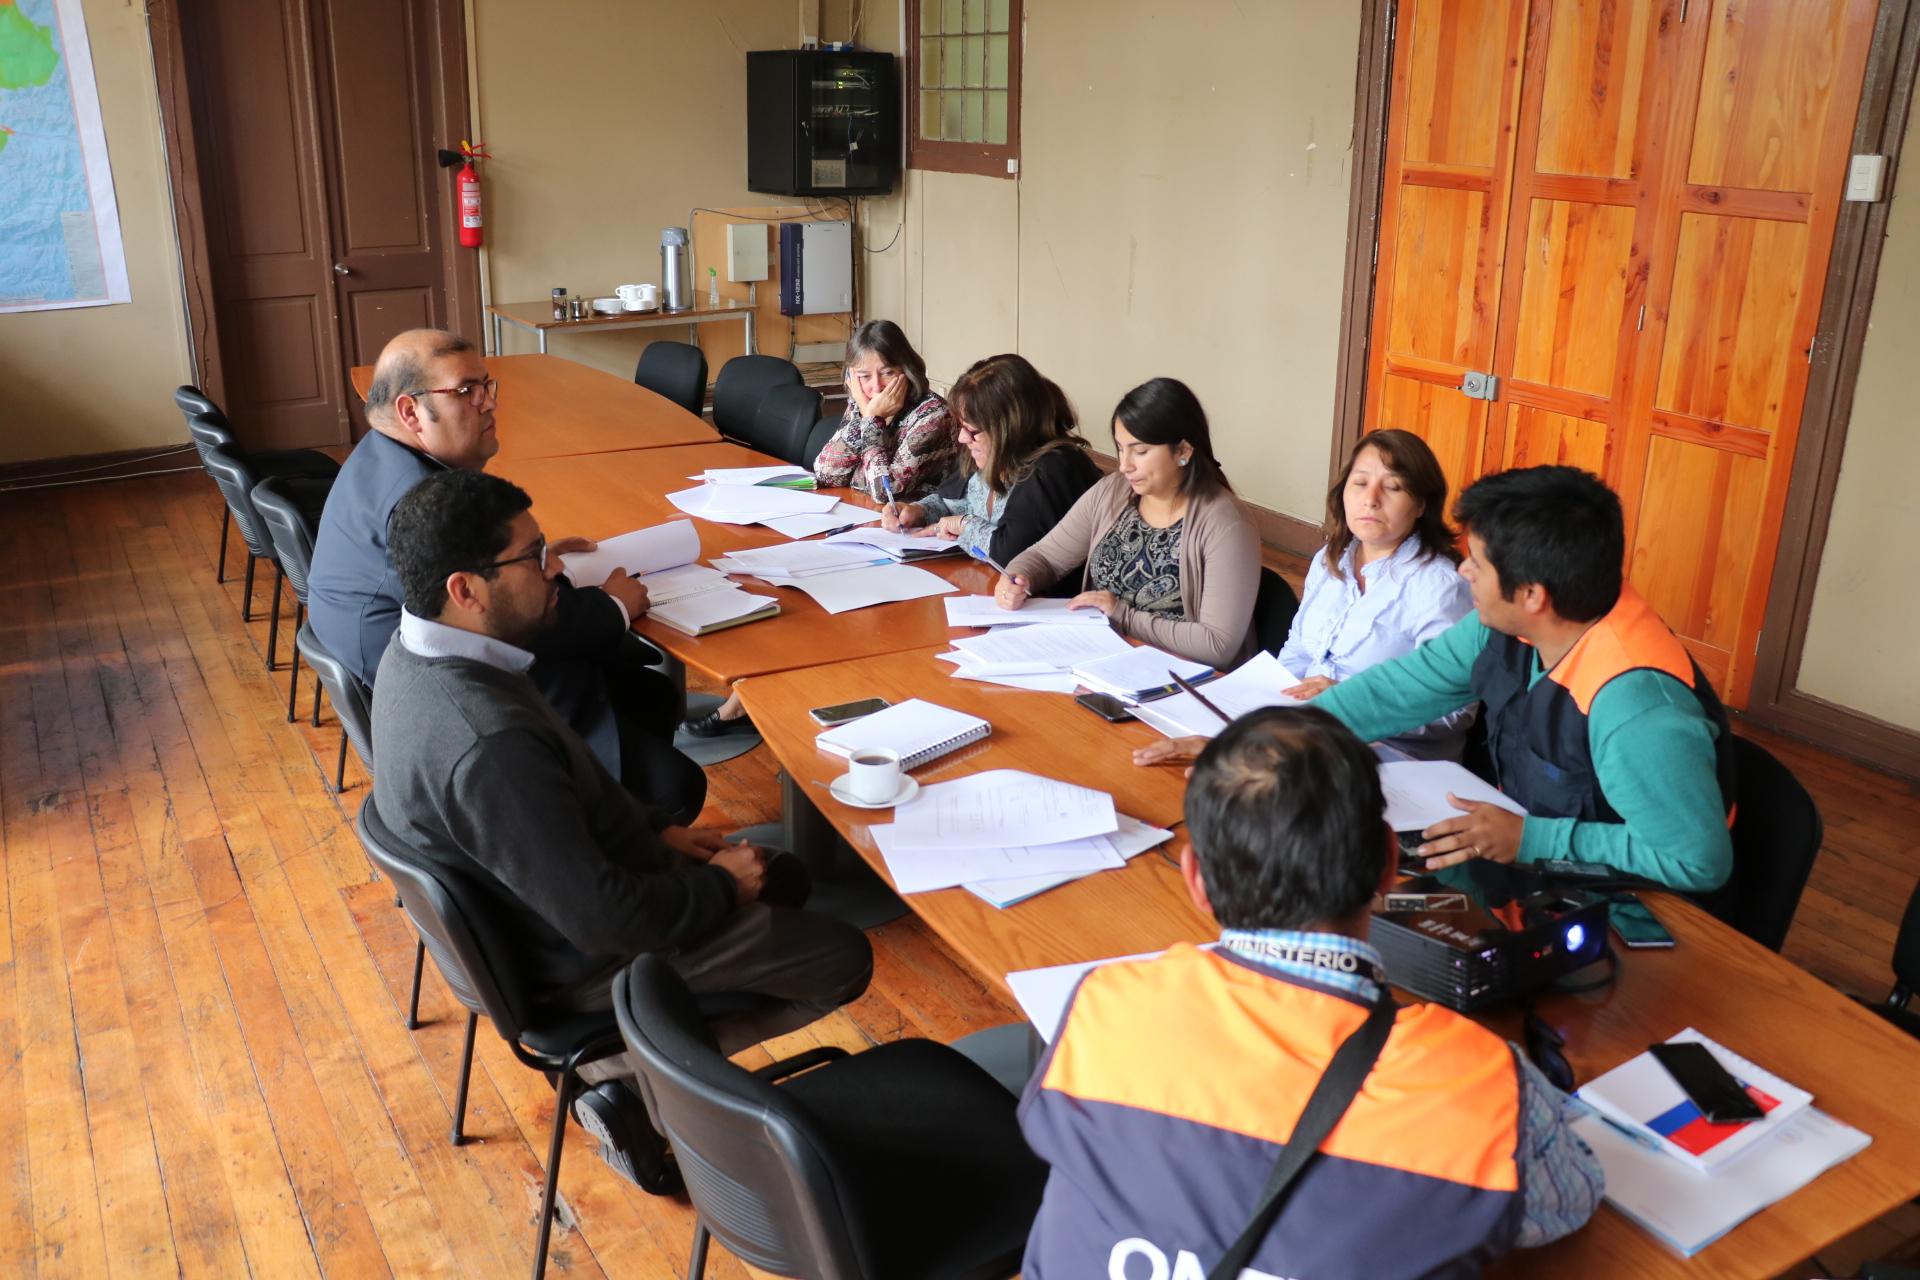 """Gobernador del Huasco: """"Tenemos que estar preparados y optimizar los recursos para responder de manera eficiente ante una eventual emergencia"""""""